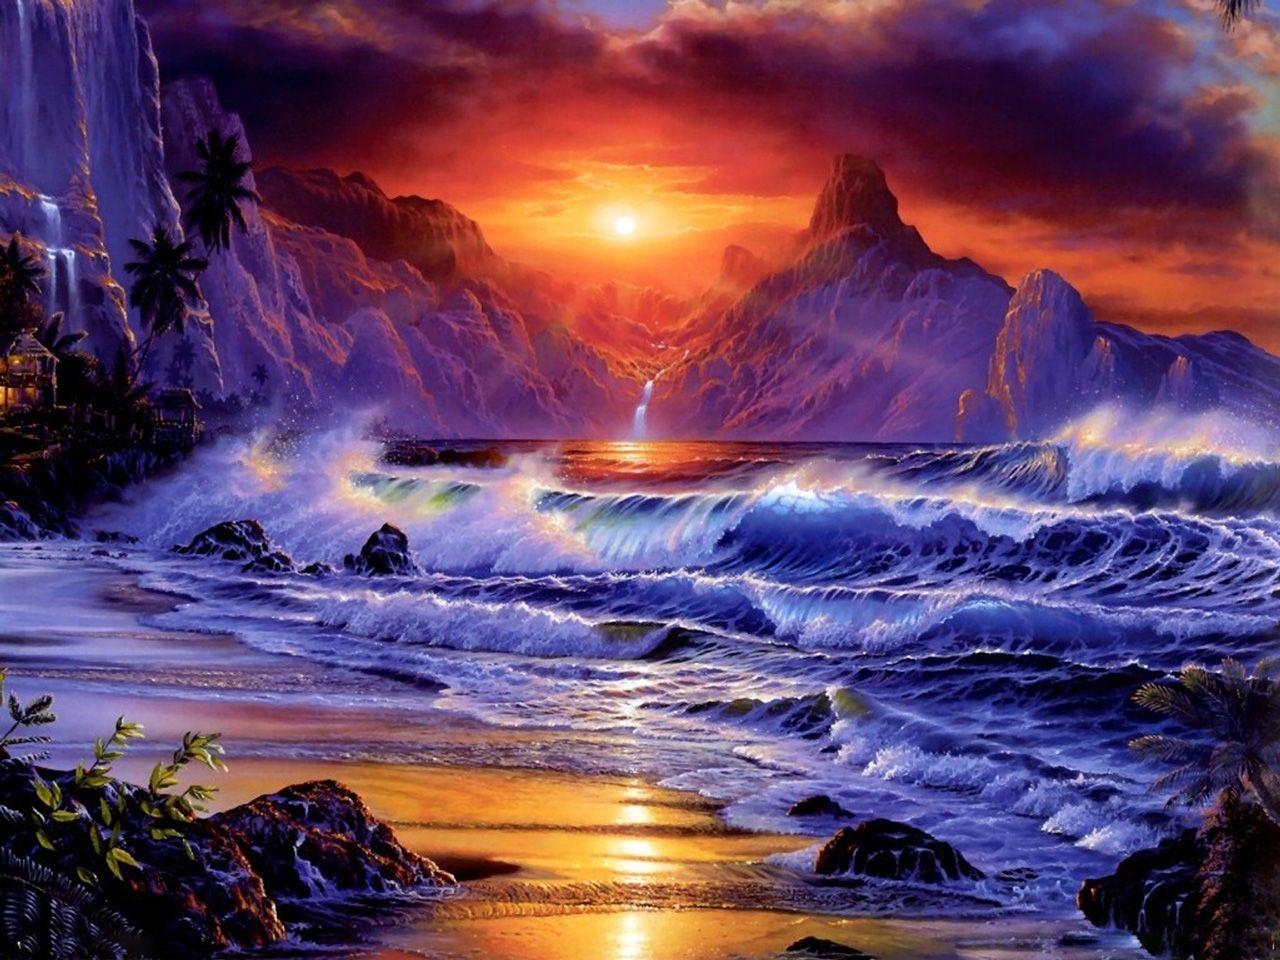 Moving Sunset Animation Free Amazing Fantasy Sunset